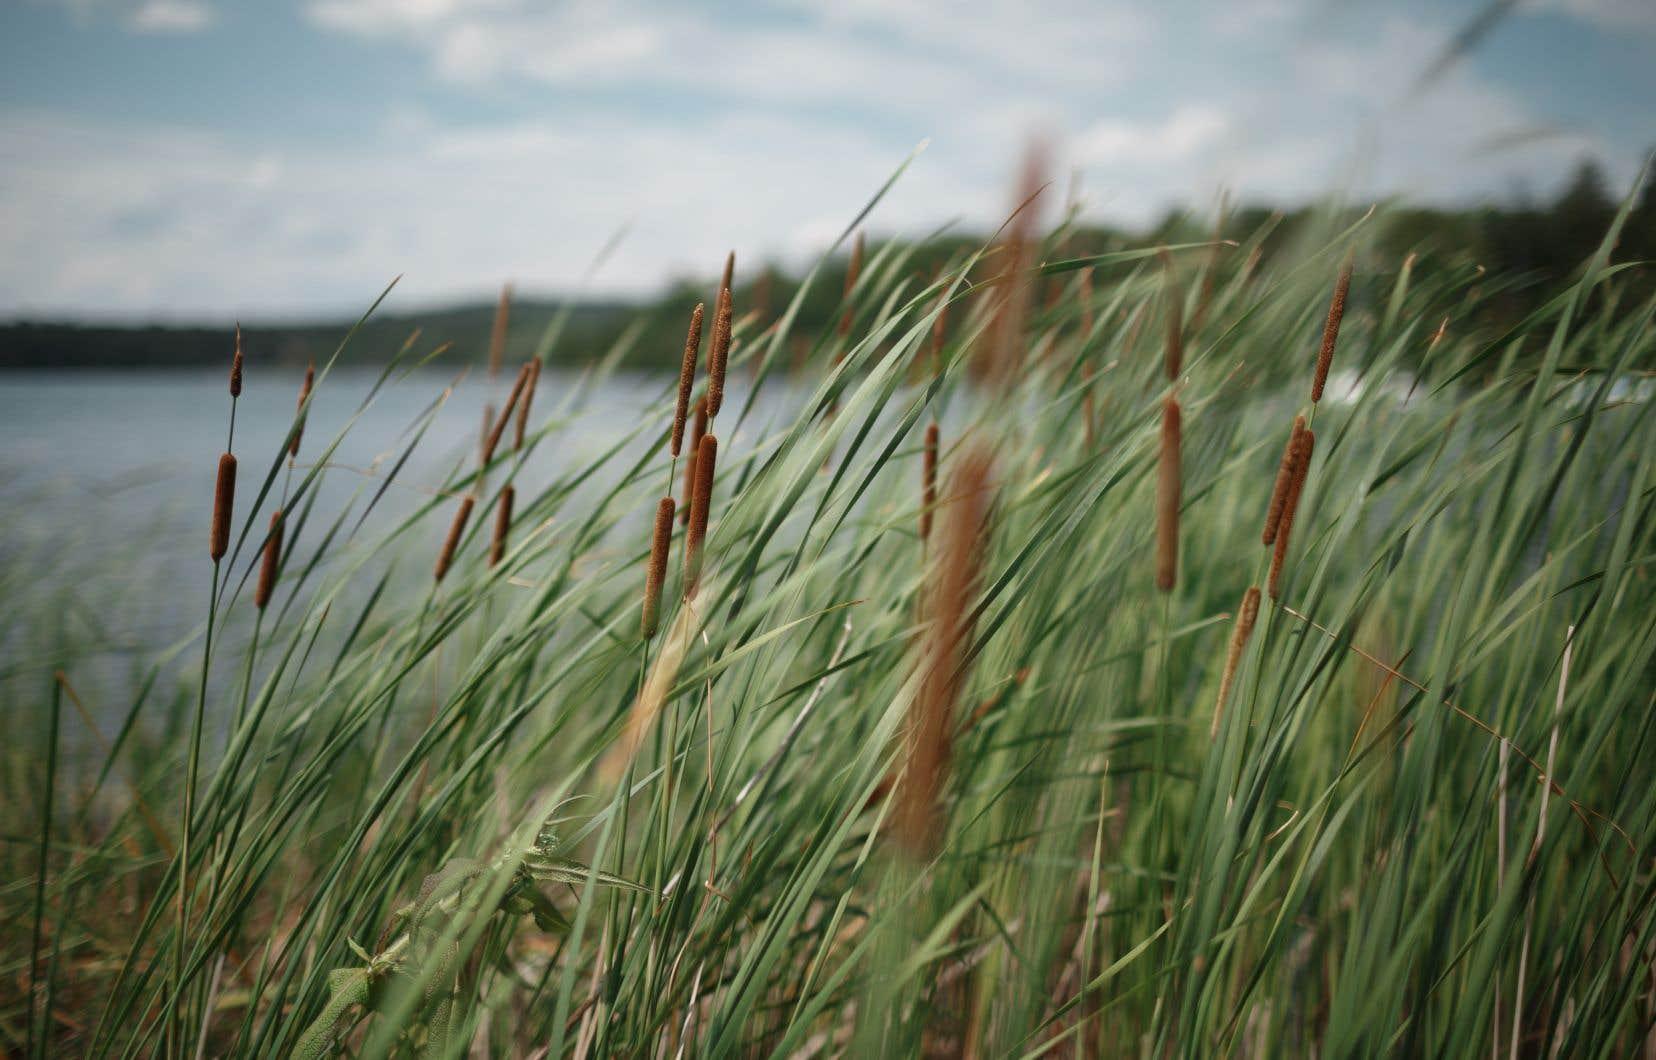 Le Bti qu'on pulvérise dans les marais, les étangs, les fossés, les ruisseaux et les embouchures des lacs au Québec comprend 80% d'additifs, de la cochonnerie pour nos poissons, nos grenouilles, nos tortues… et les baigneurs!